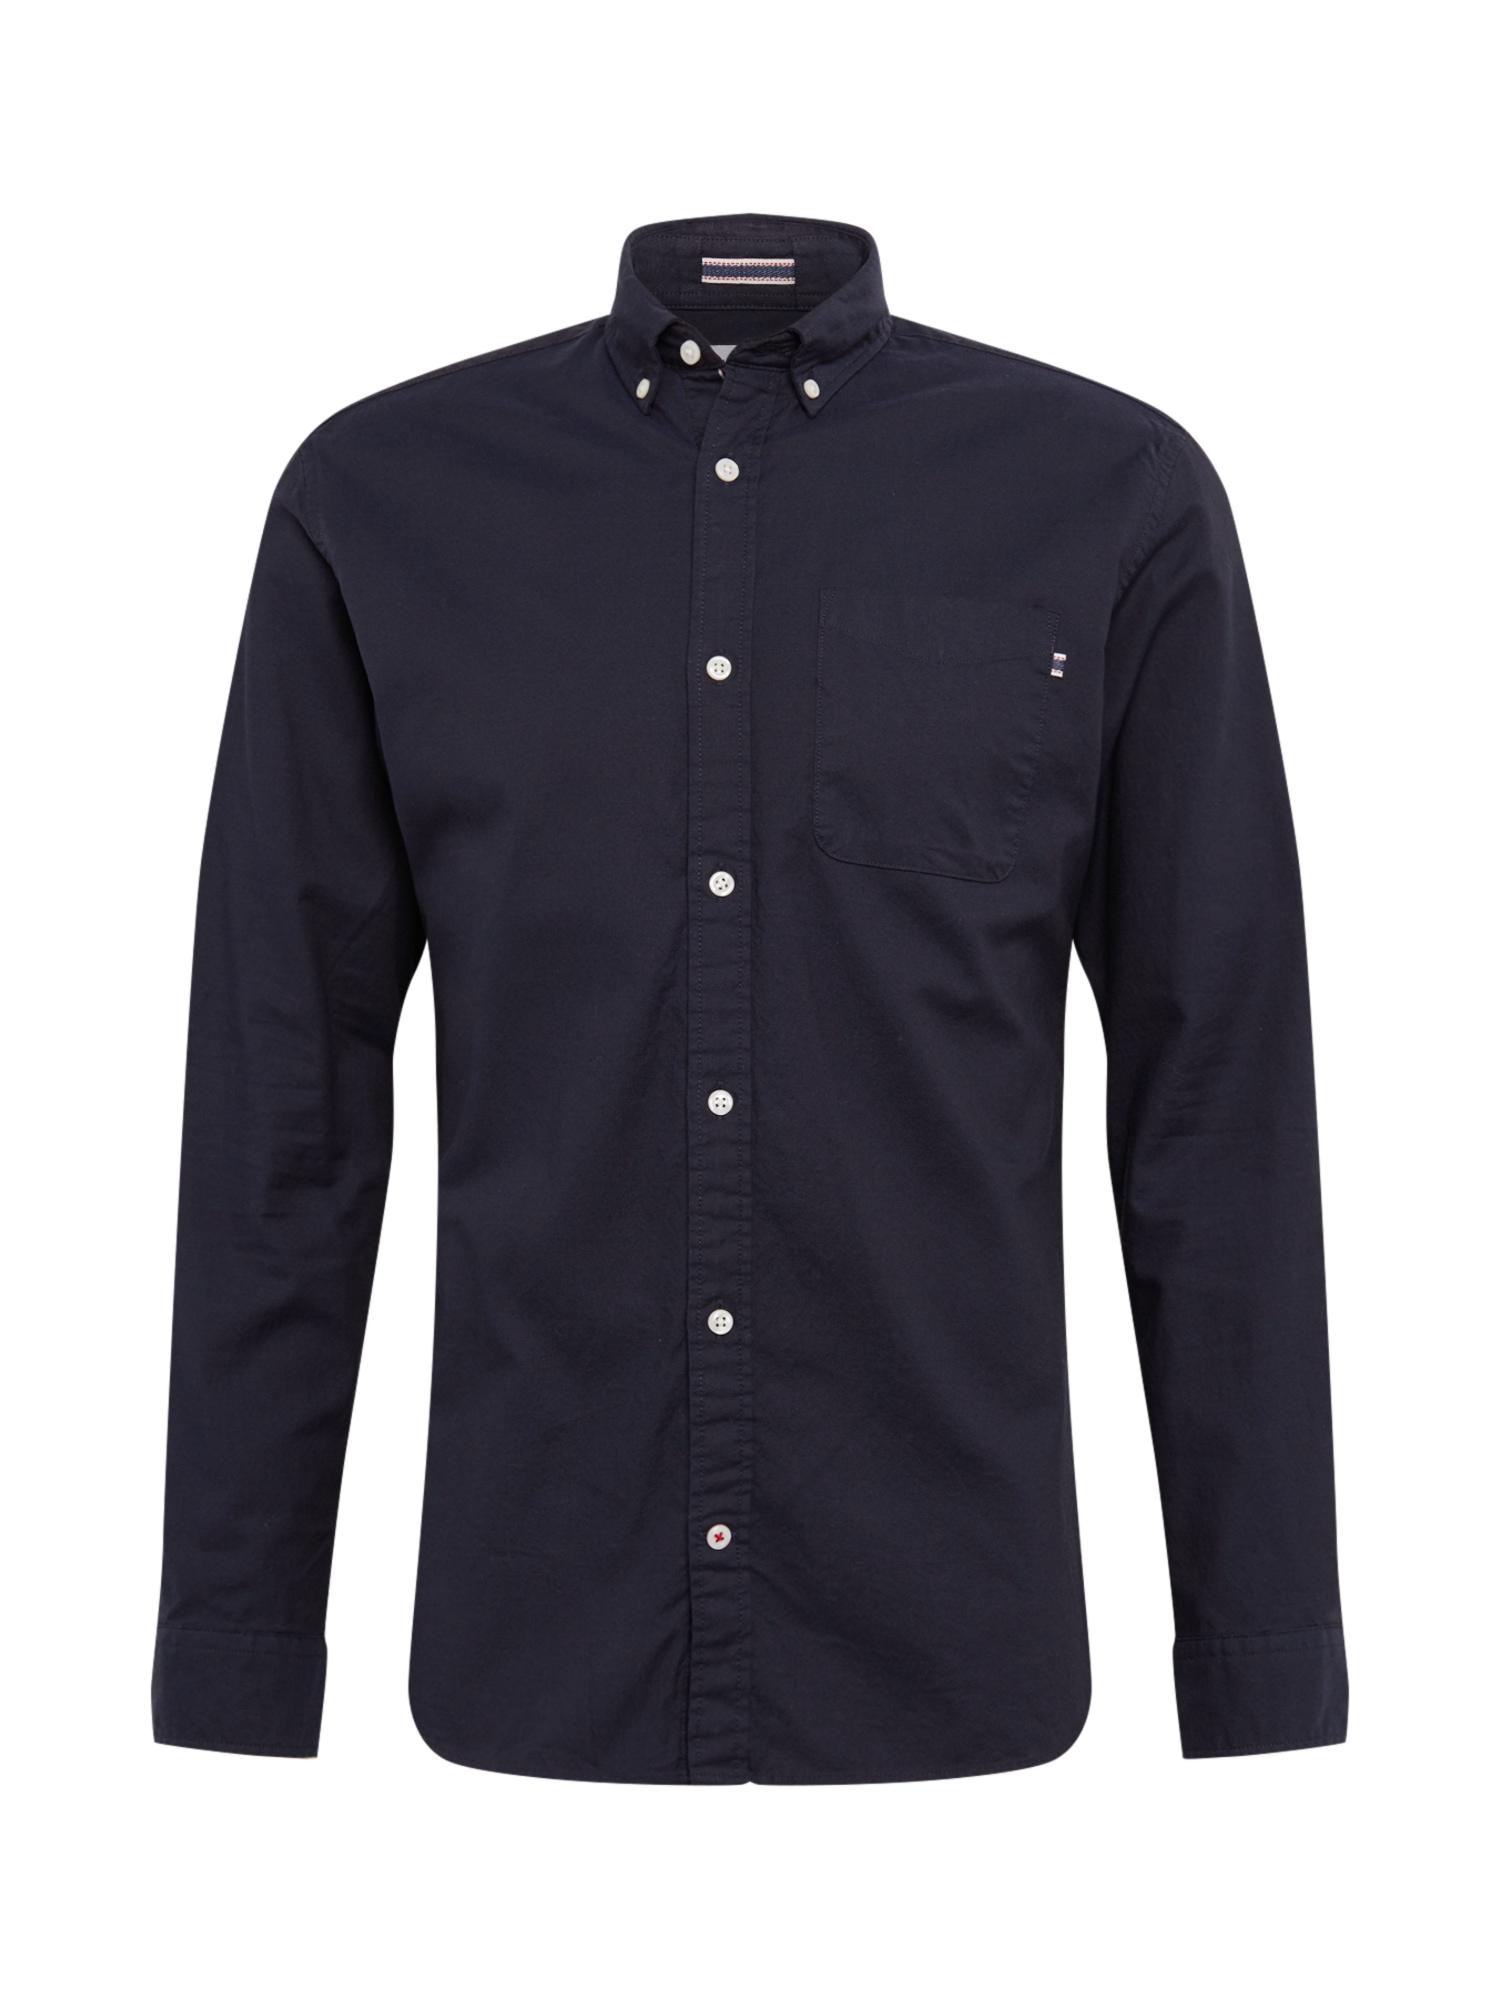 JACK & JONES Dalykinio stiliaus marškiniai tamsiai mėlyna